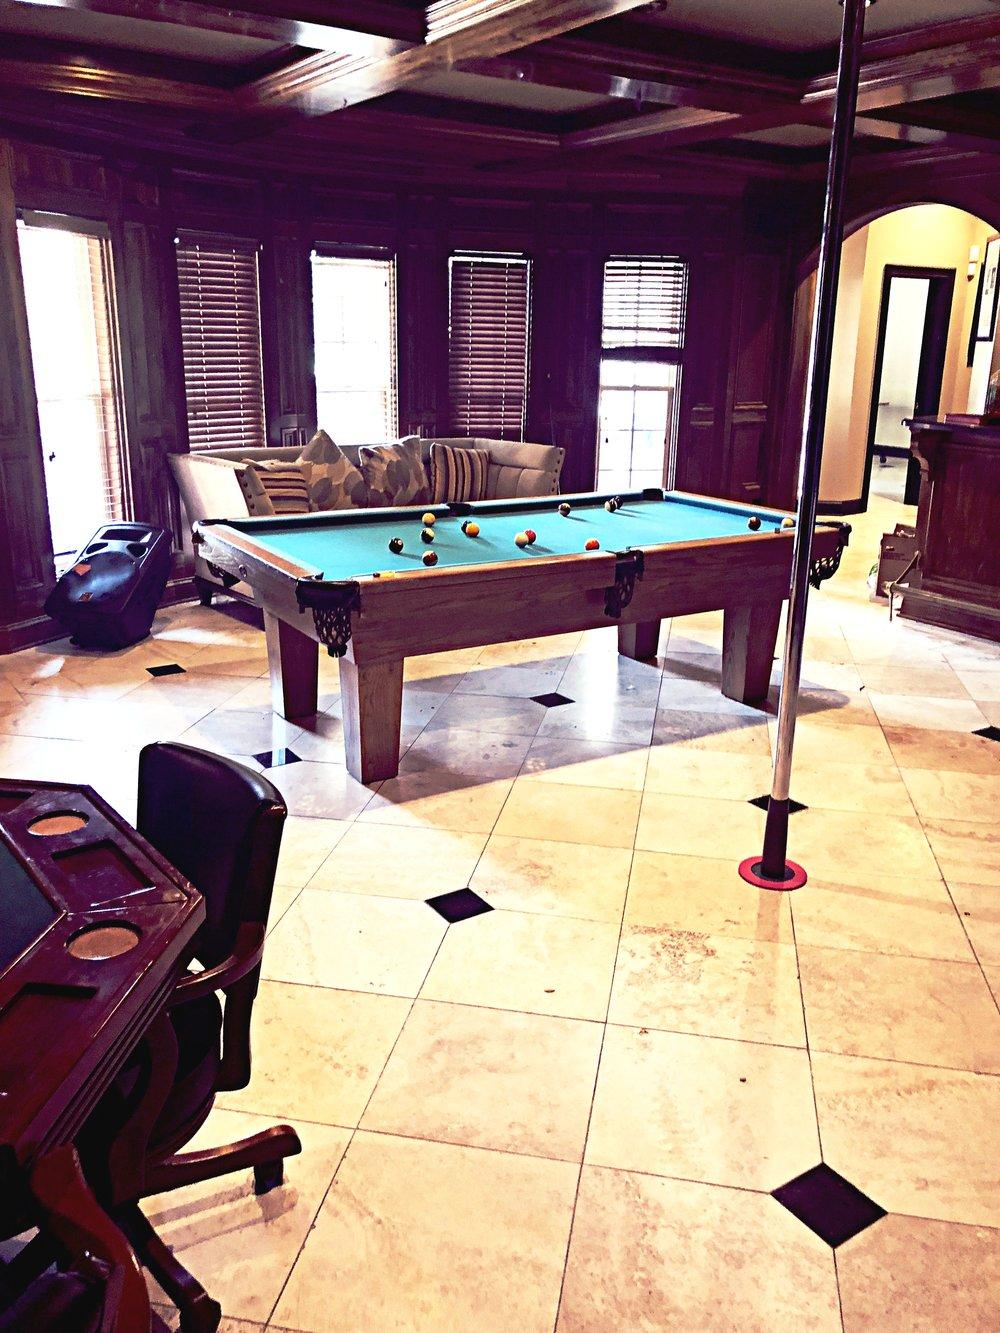 Game Room(Pool Table, Dancer Pole & Bar)